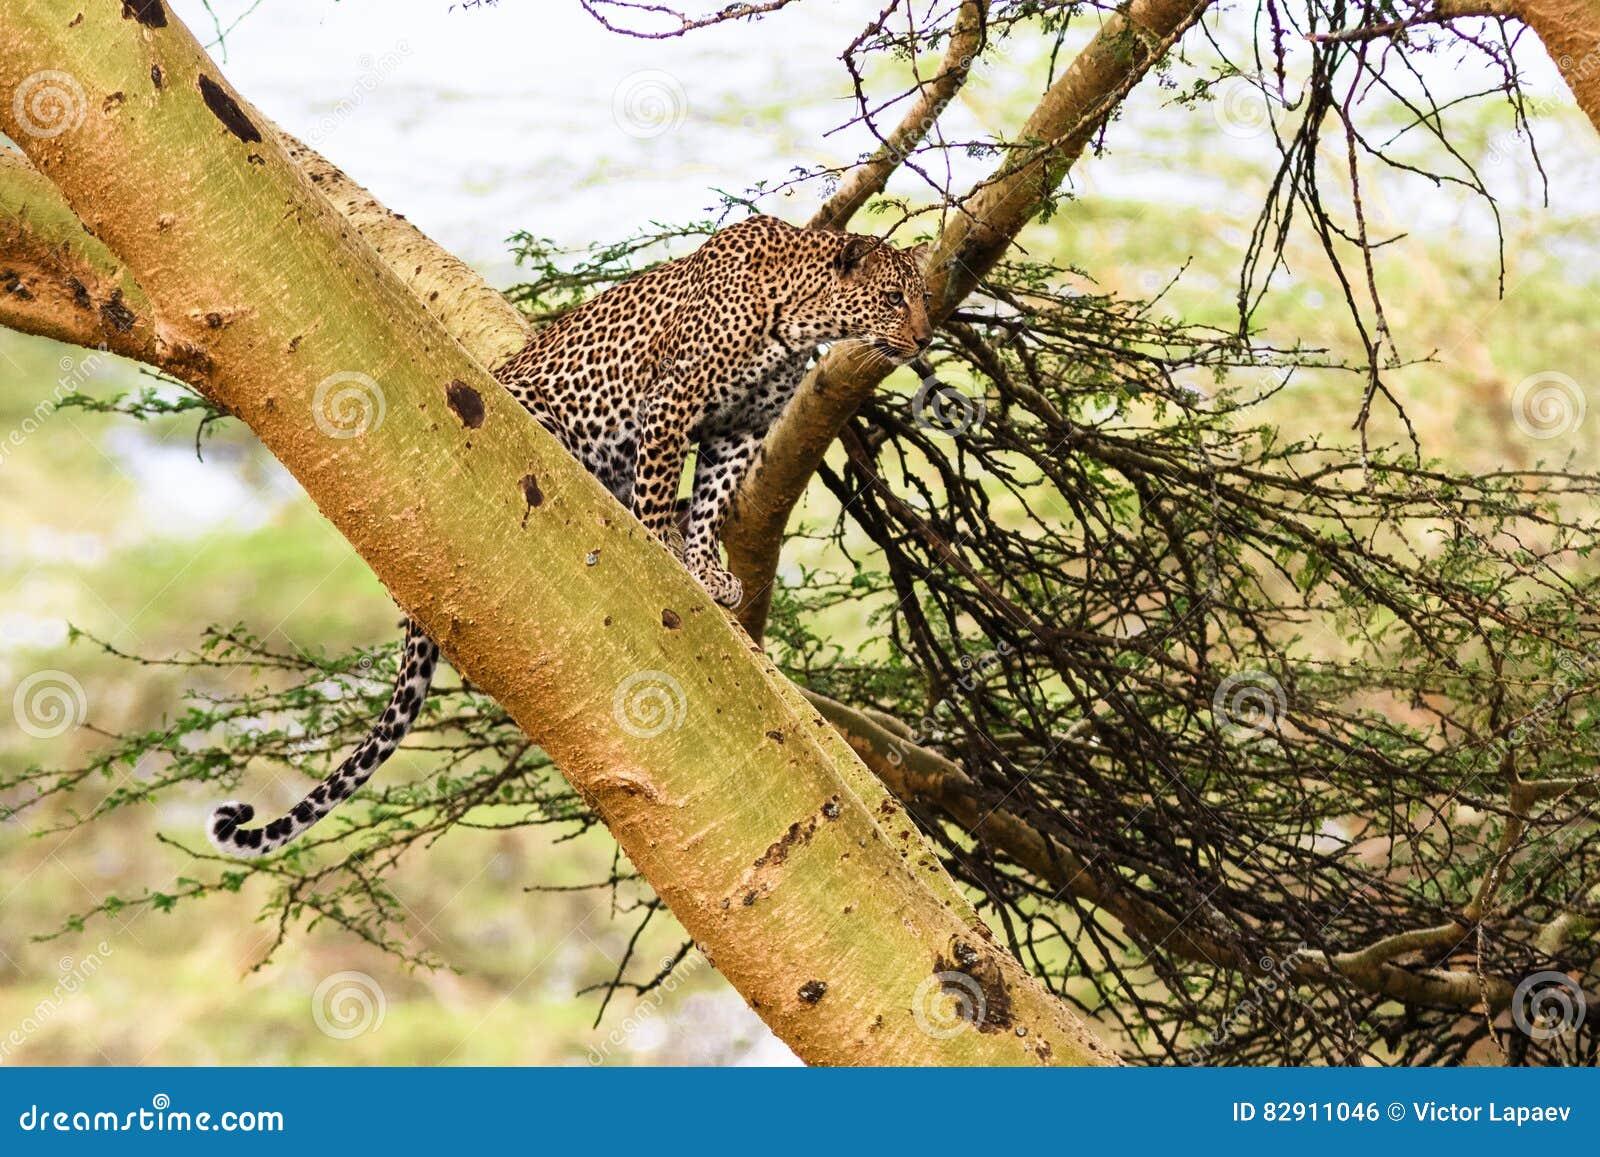 Luipaard het wachten prooi ambush op boom